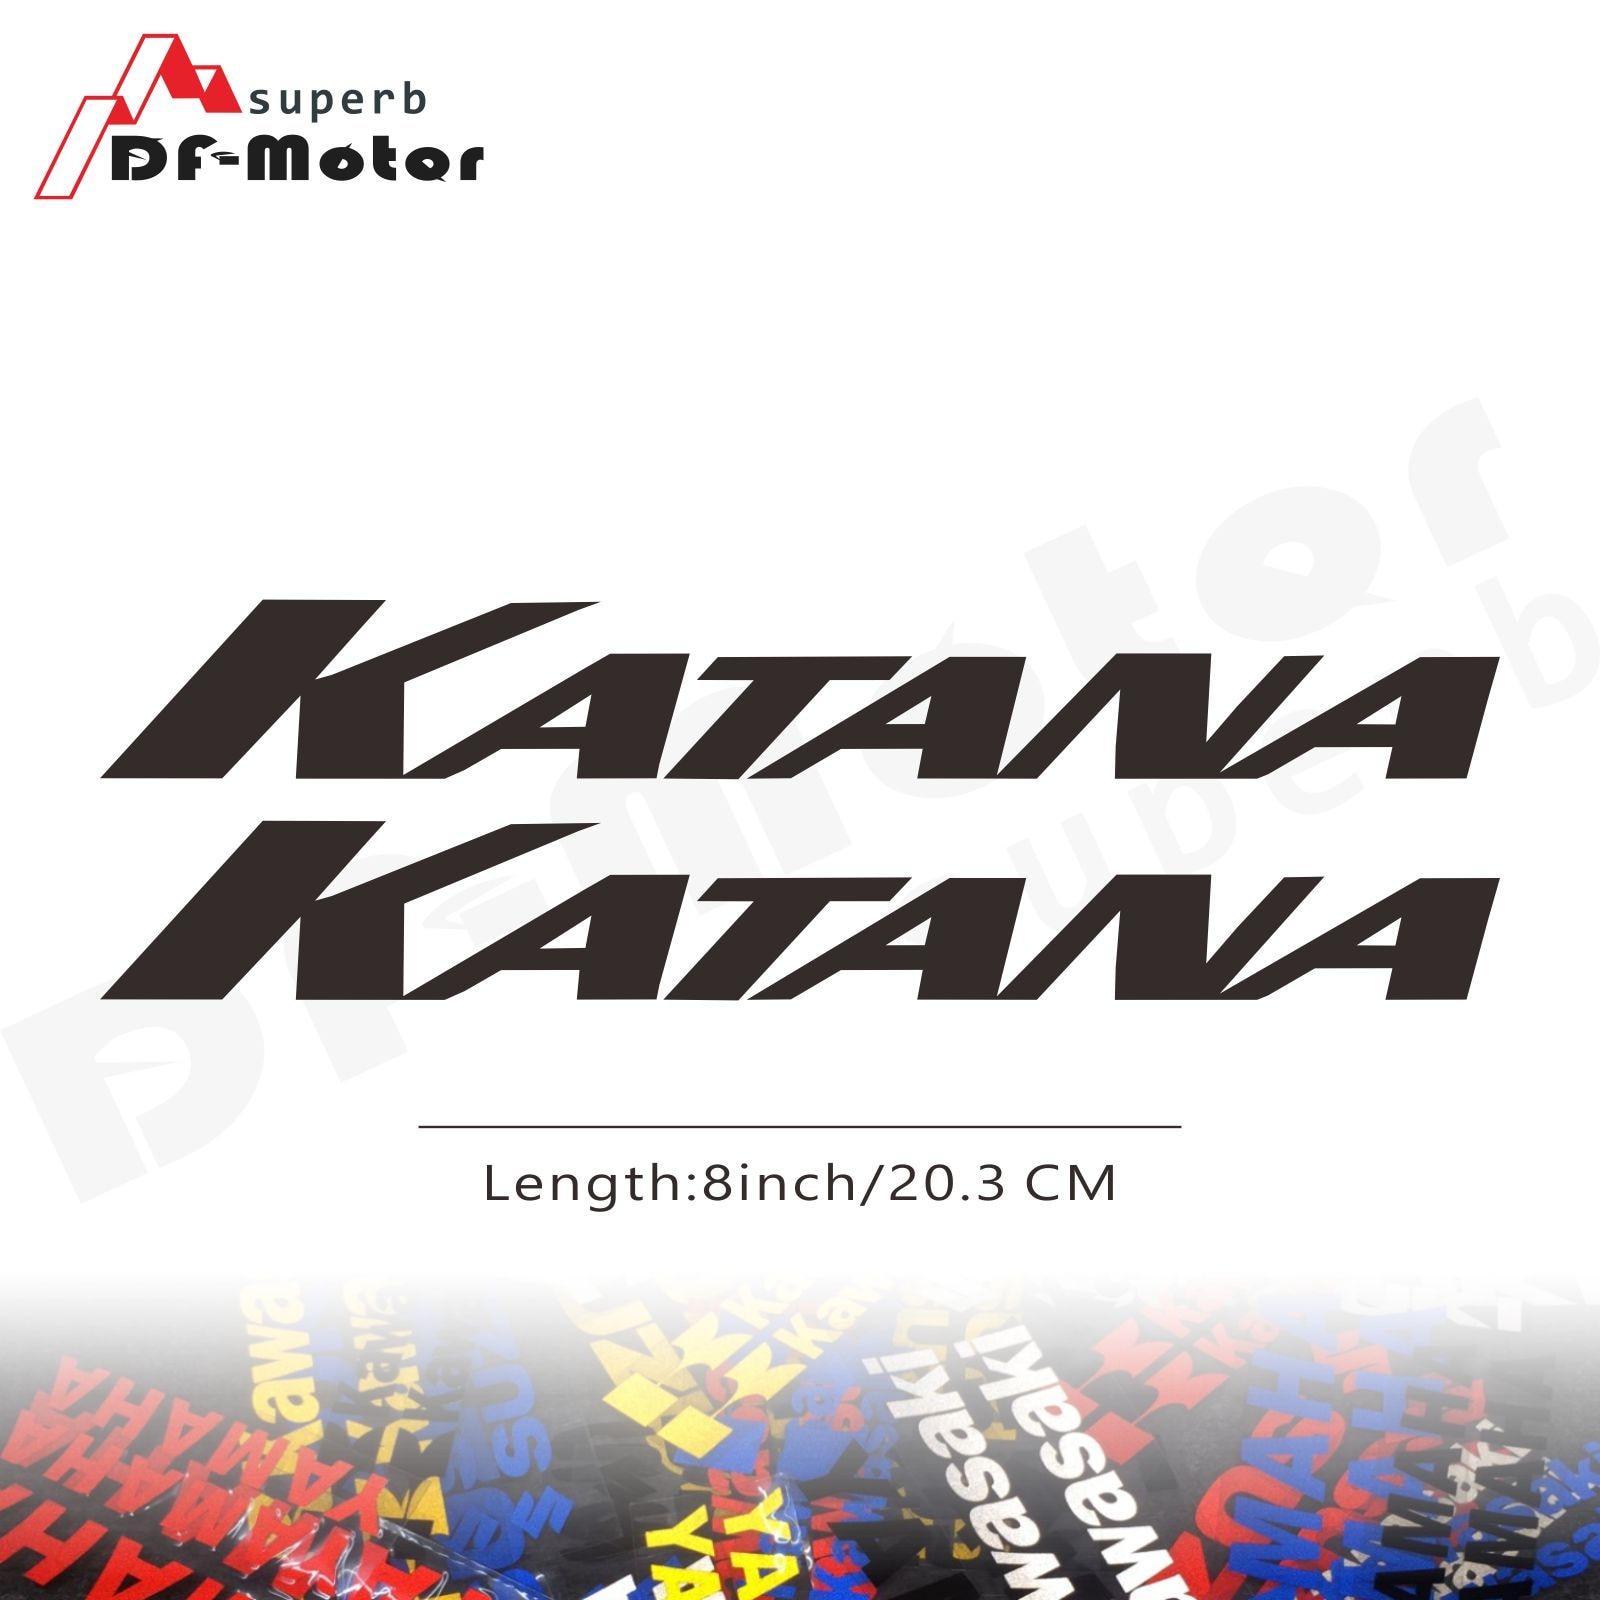 8Inch Reflective Sticker Decal Motorcycle Car Sticker Wheels Fairing Helmet Sticker Decal For Suzuki Katana